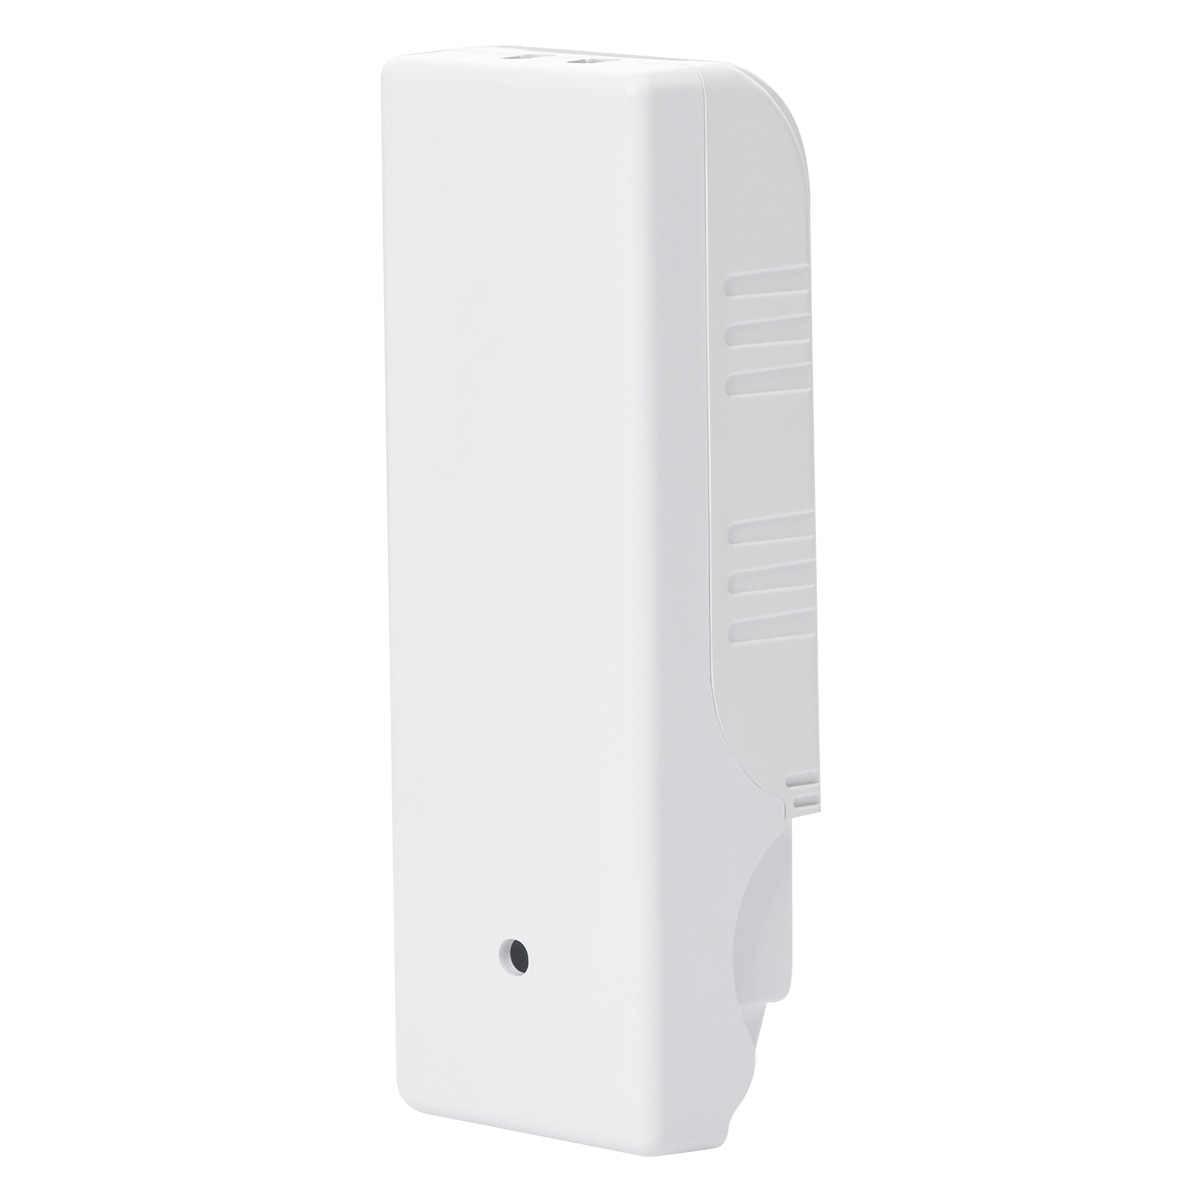 Смарт DIY диммерный модуль выключатель света Беспроводной Управление; домашней автоматизации и голос Управление WiFi регулятор яркости освещения 110-240 V